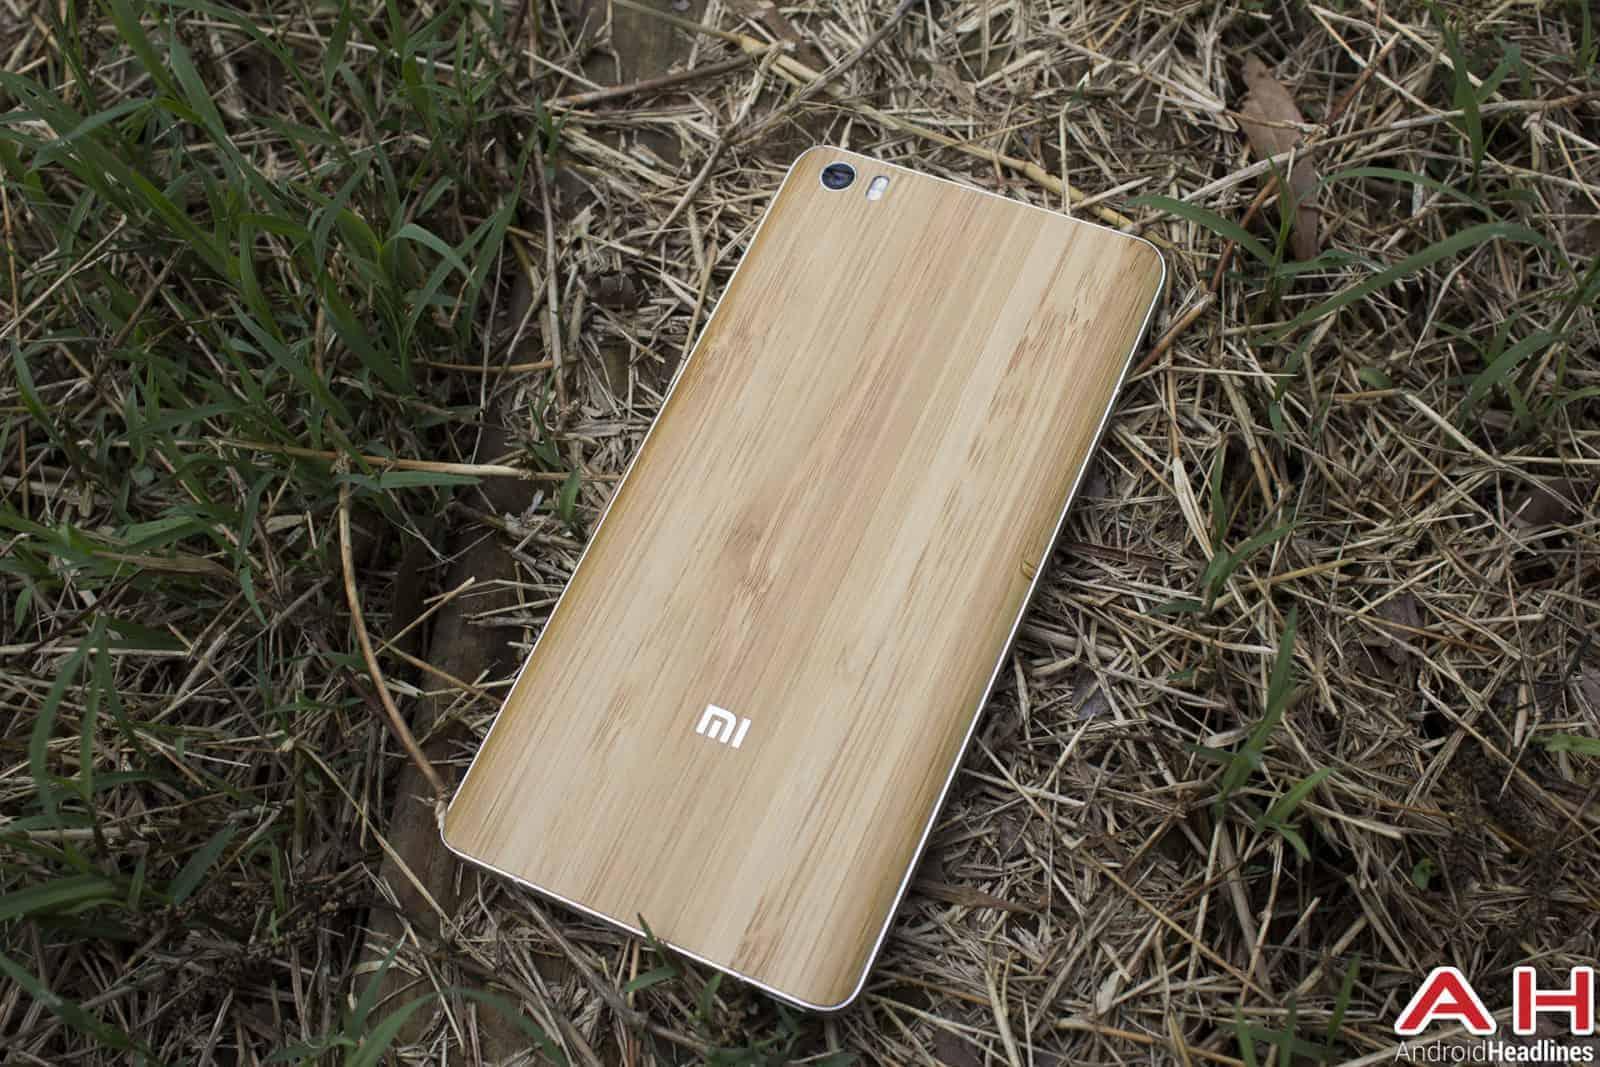 Xiaomi-Mi-Note-Bamboo-01